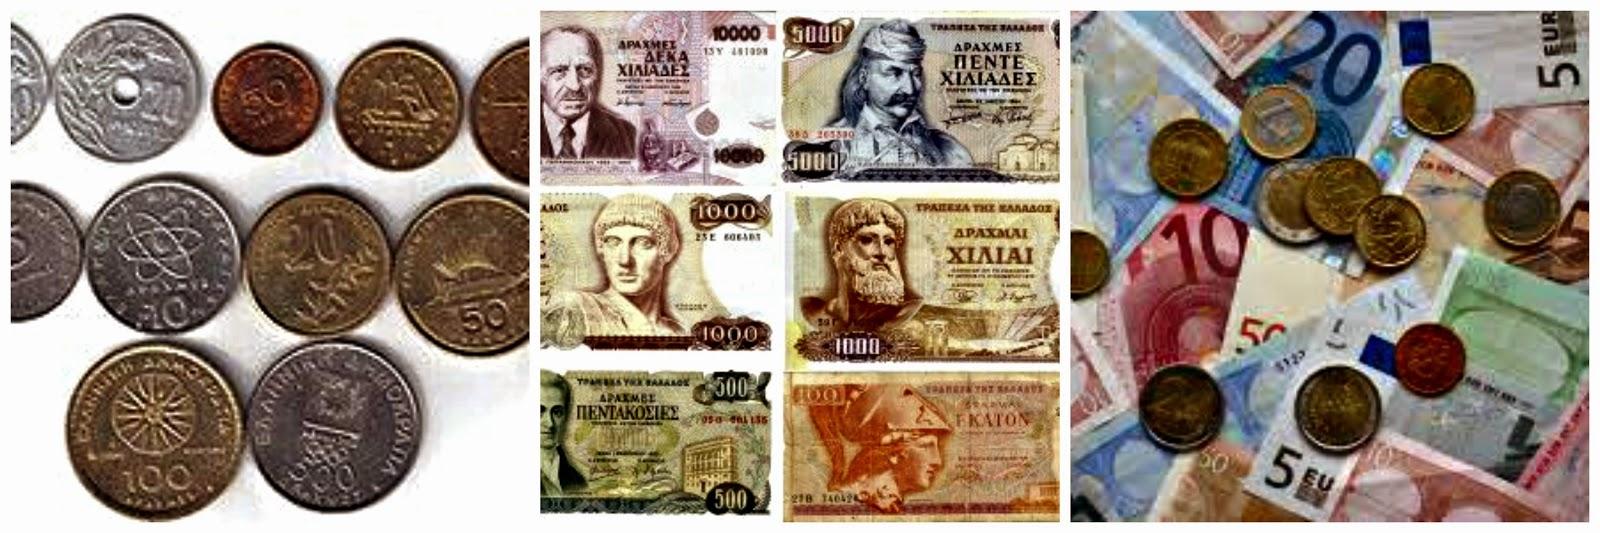 Drachma and Euros